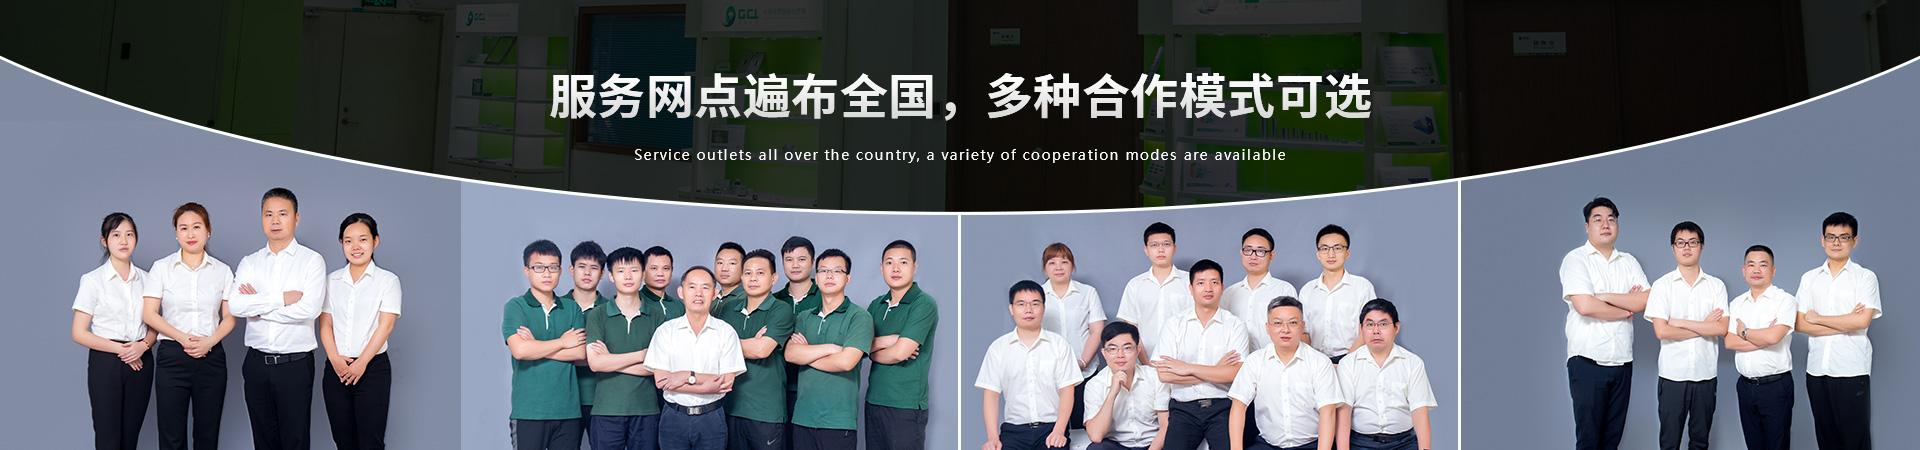 鑫承诺-服务网点遍布全国,多种合作模式可选